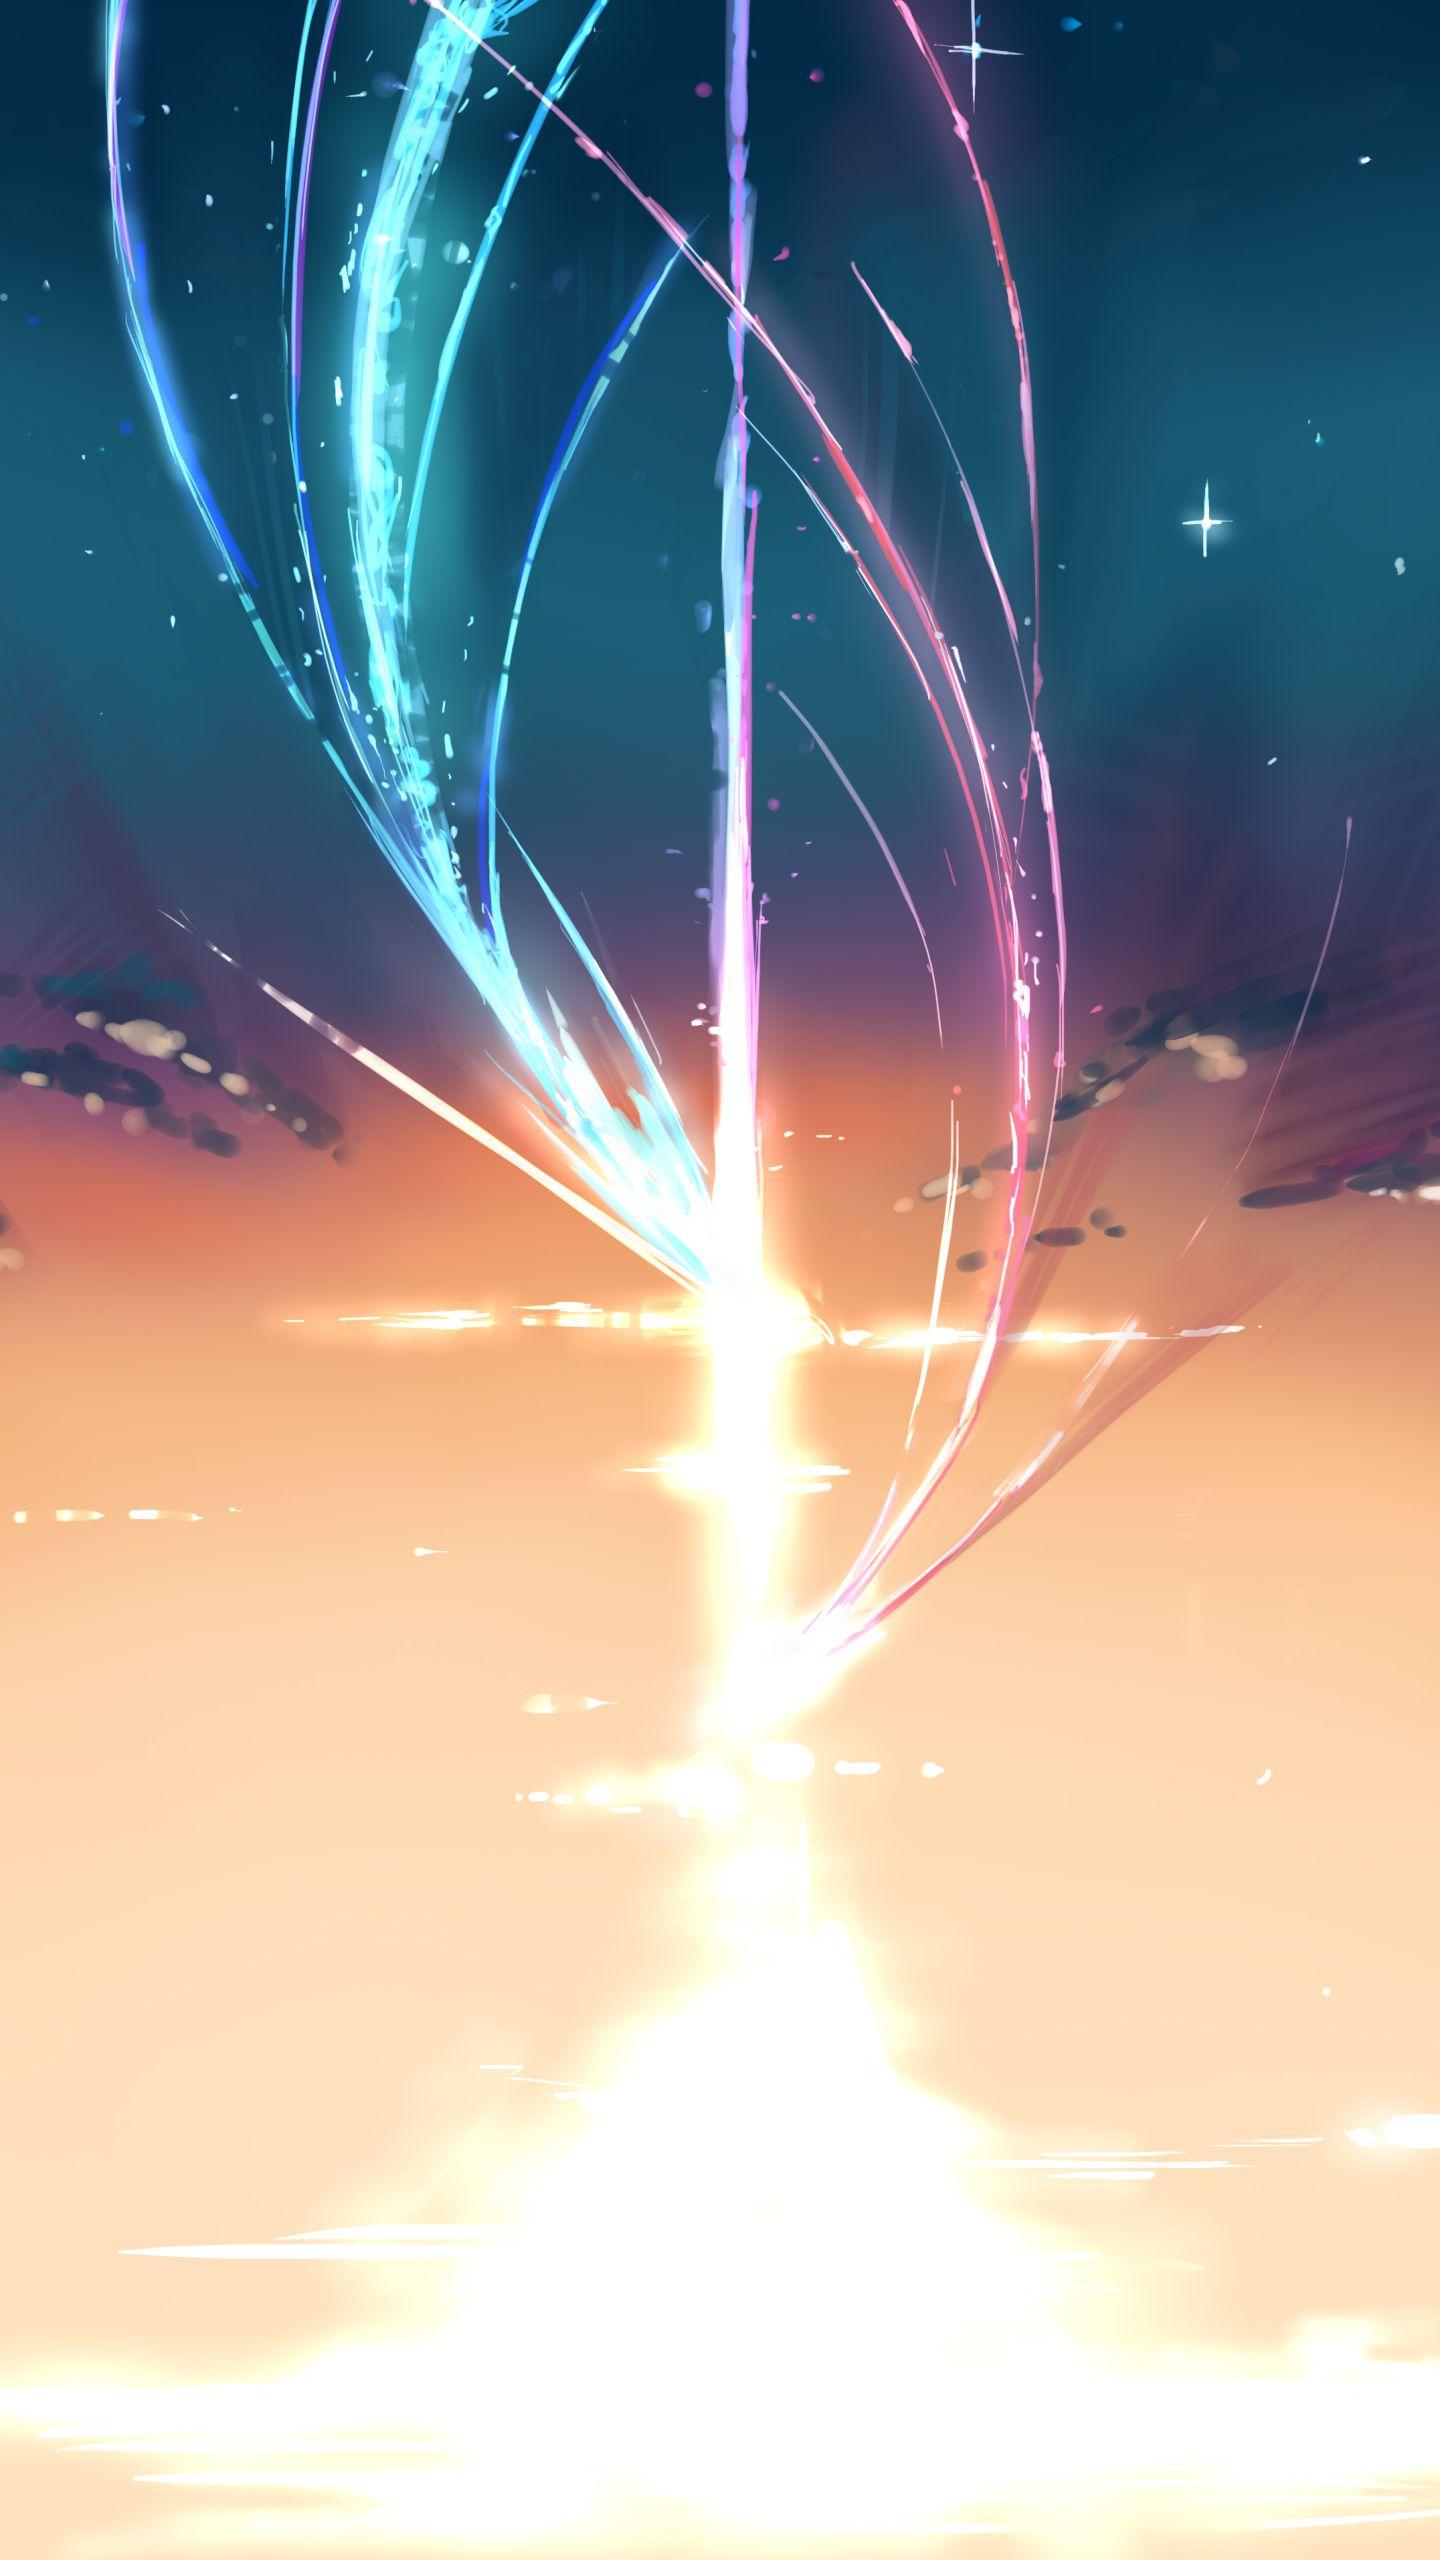 Pin Oleh Xenon Sobdiel Di Your Name Latar Belakang Pemandangan Pemandangan Anime